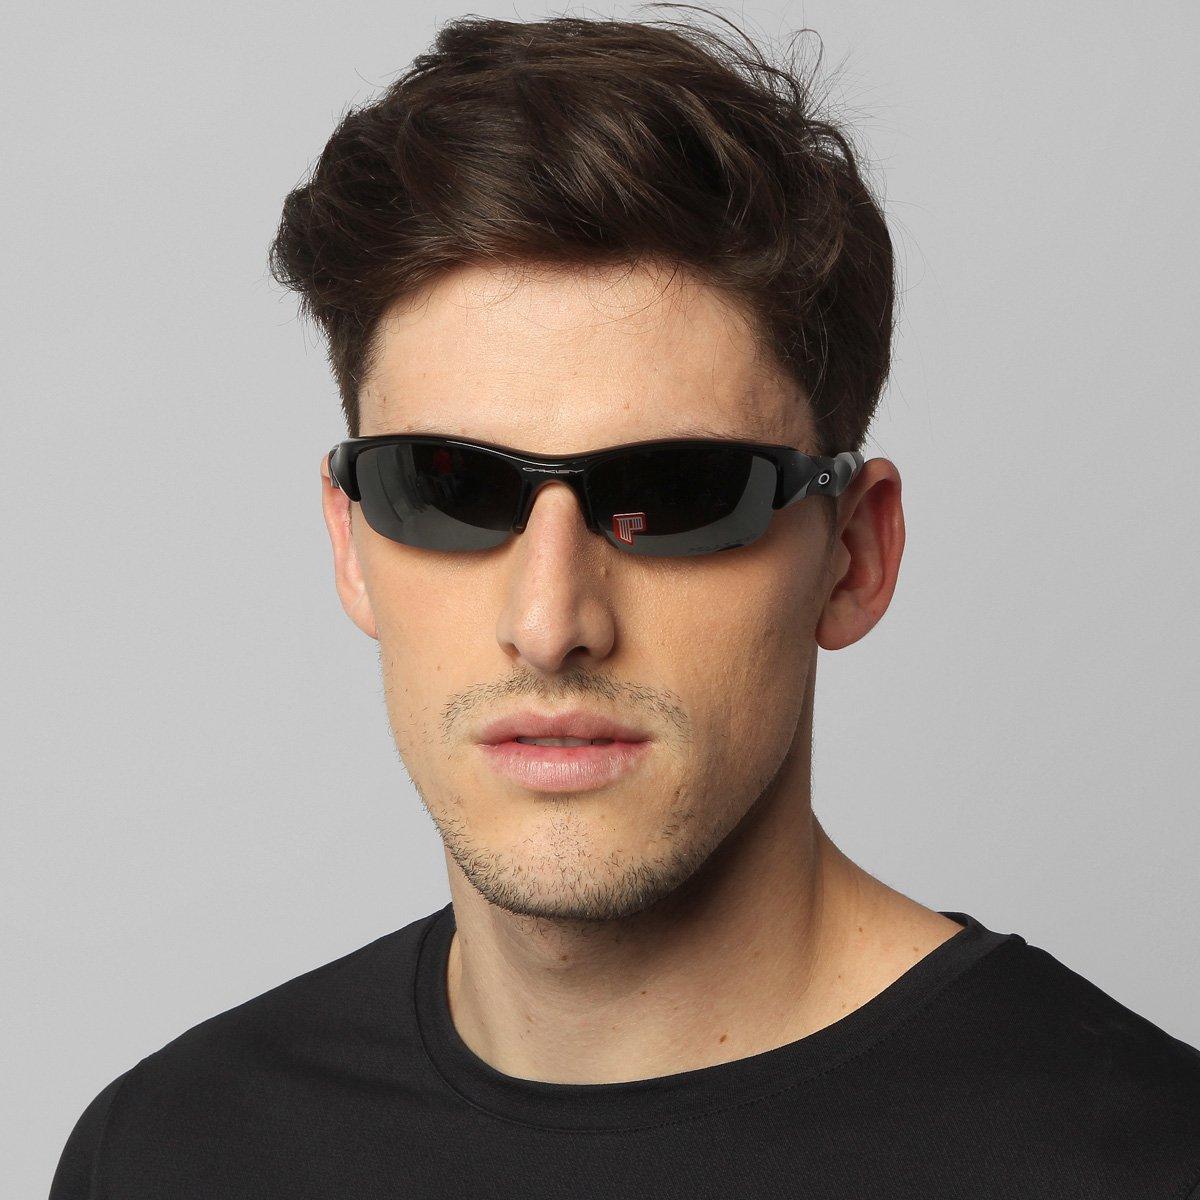 20b423ddfc789 Óculos Oakley Flak Jacket - Polarizado - Compre Agora   Netshoes